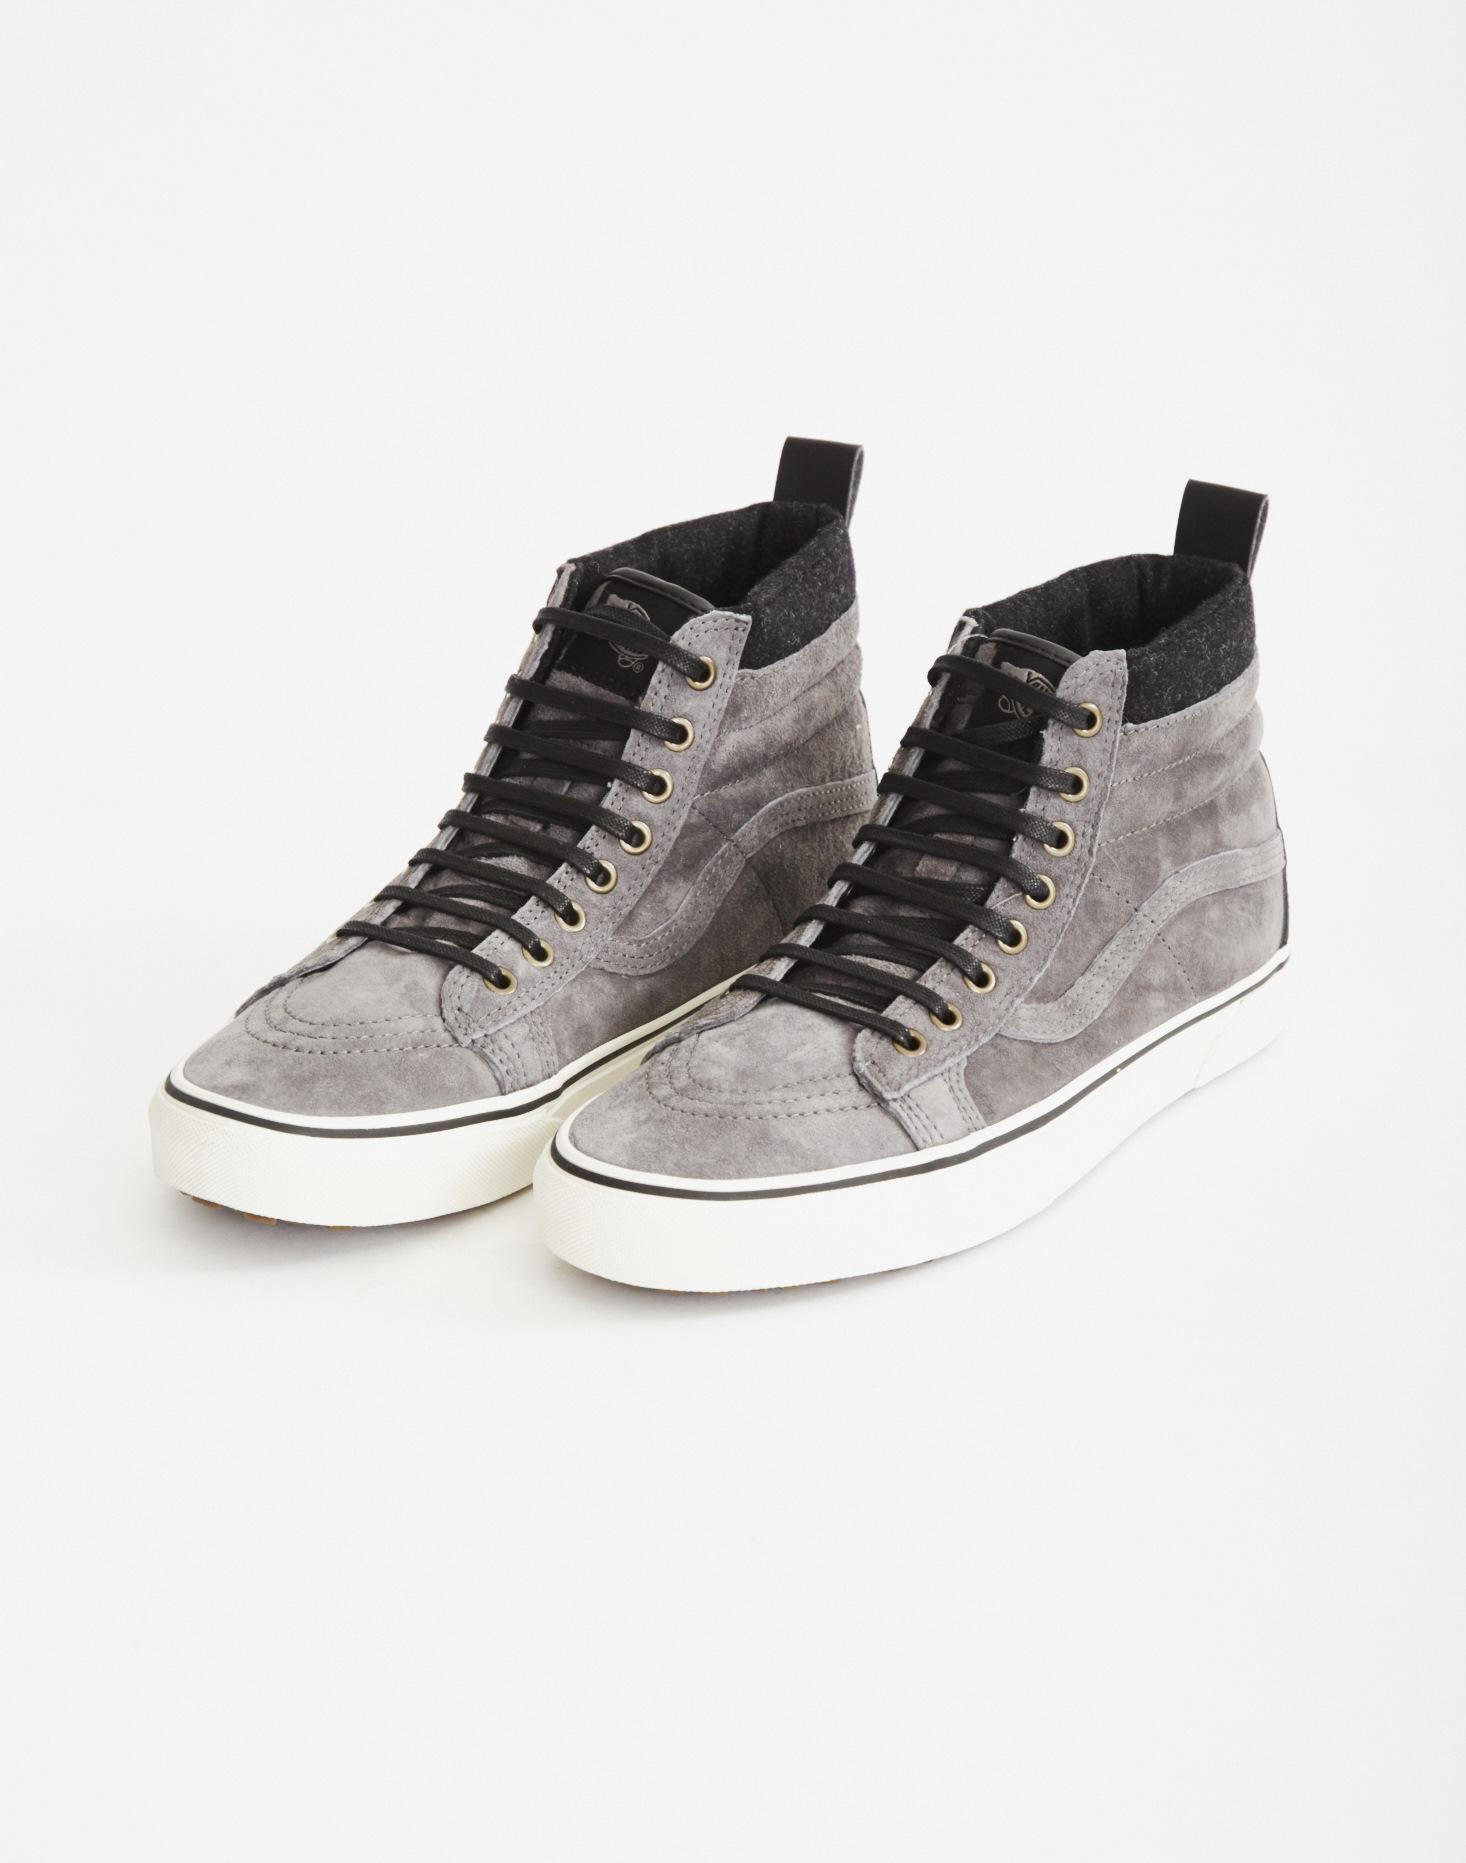 90af51432b57 Vans Sk8-hi Mte Grey in Gray for Men - Lyst